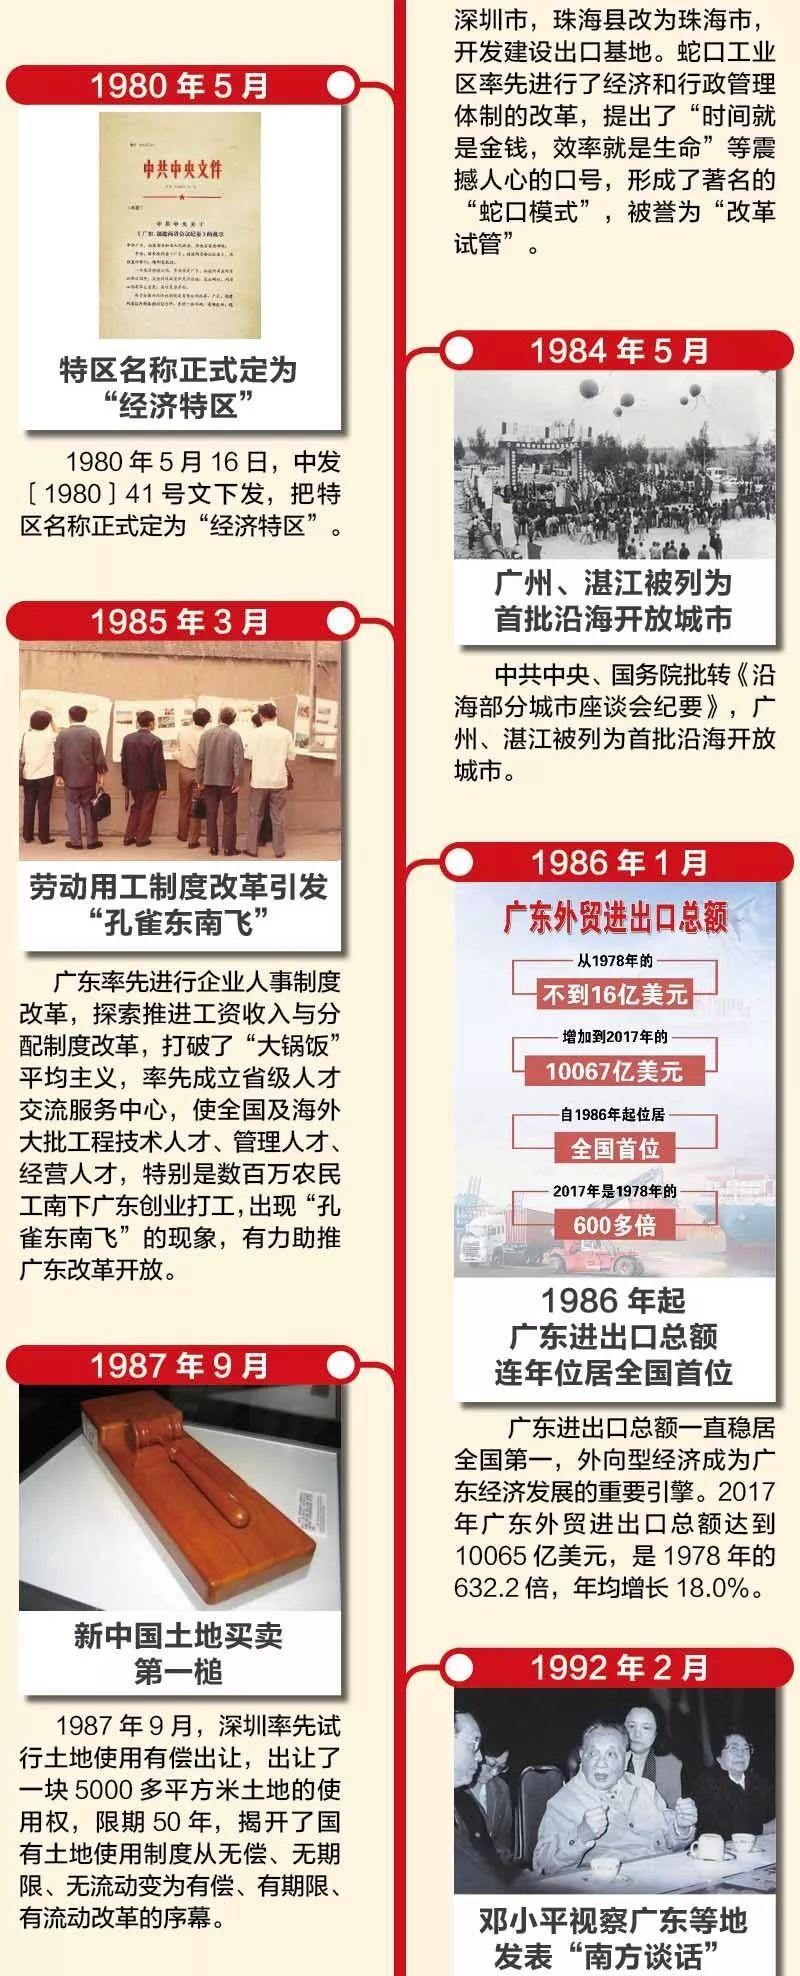 20张图片看广东改革开放40年 | 深圳改革开放展览馆